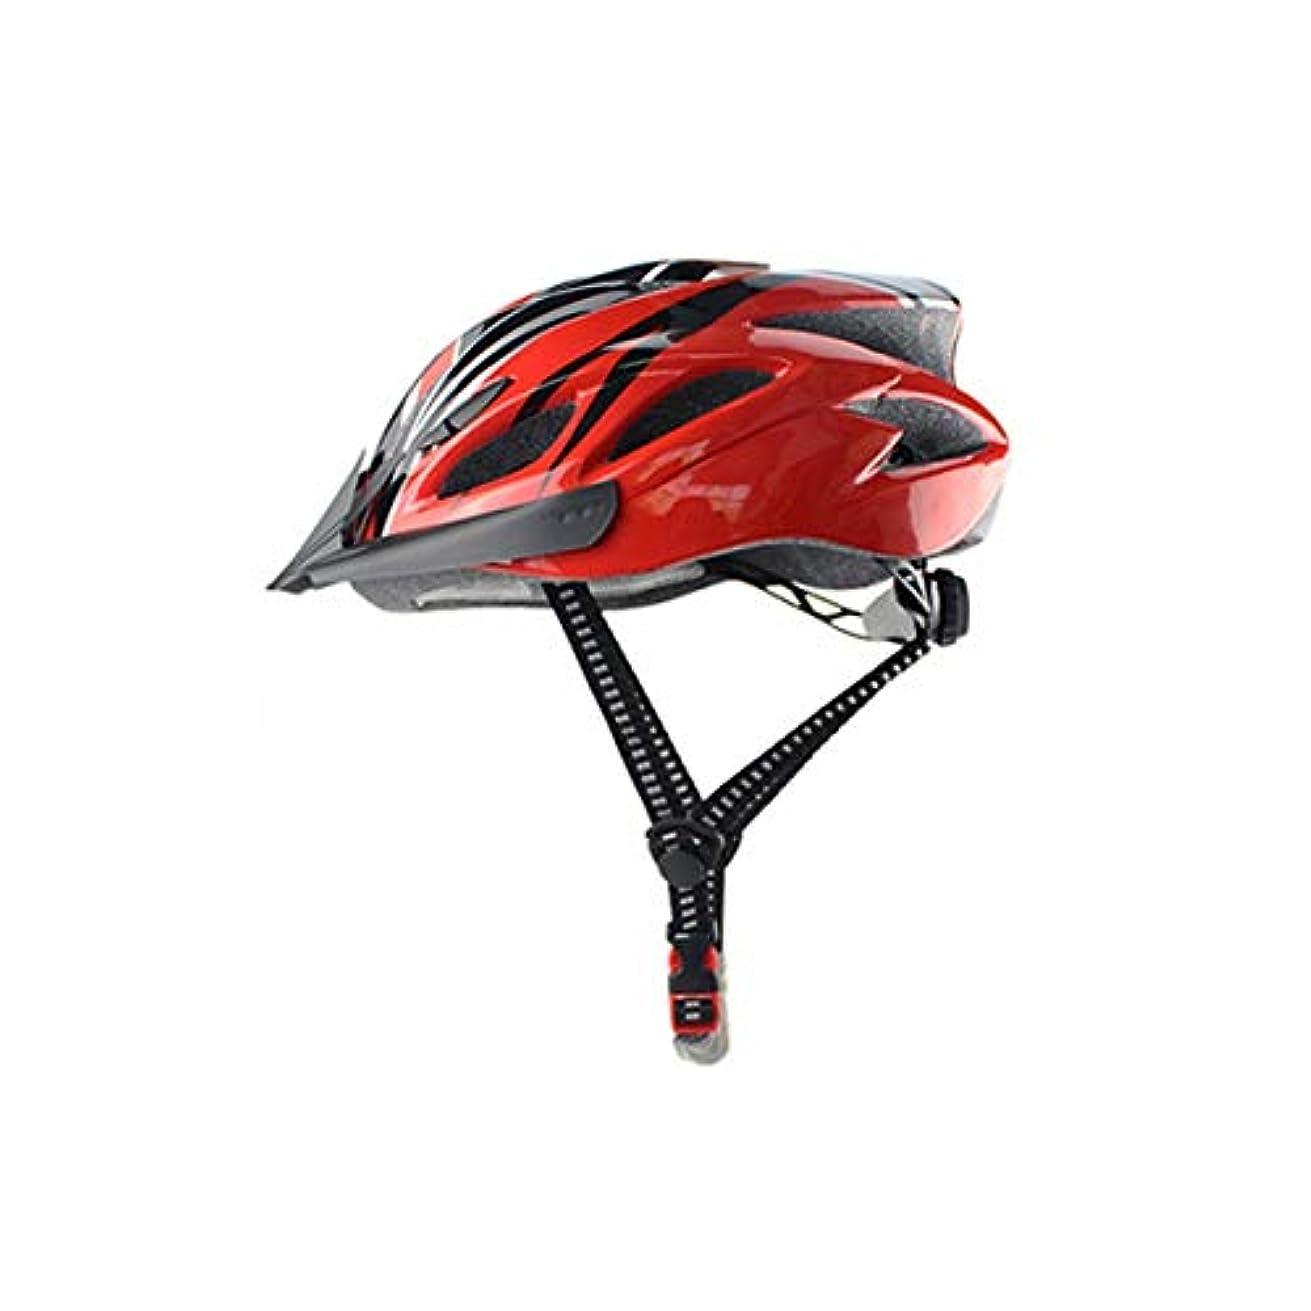 時々着る偏見CQIANG 気流自転車用ヘルメット、インモールド補強スケルトン、追加保護、57-62頭の円周に適し、青、黒、オレンジ、赤 ComfortSafety